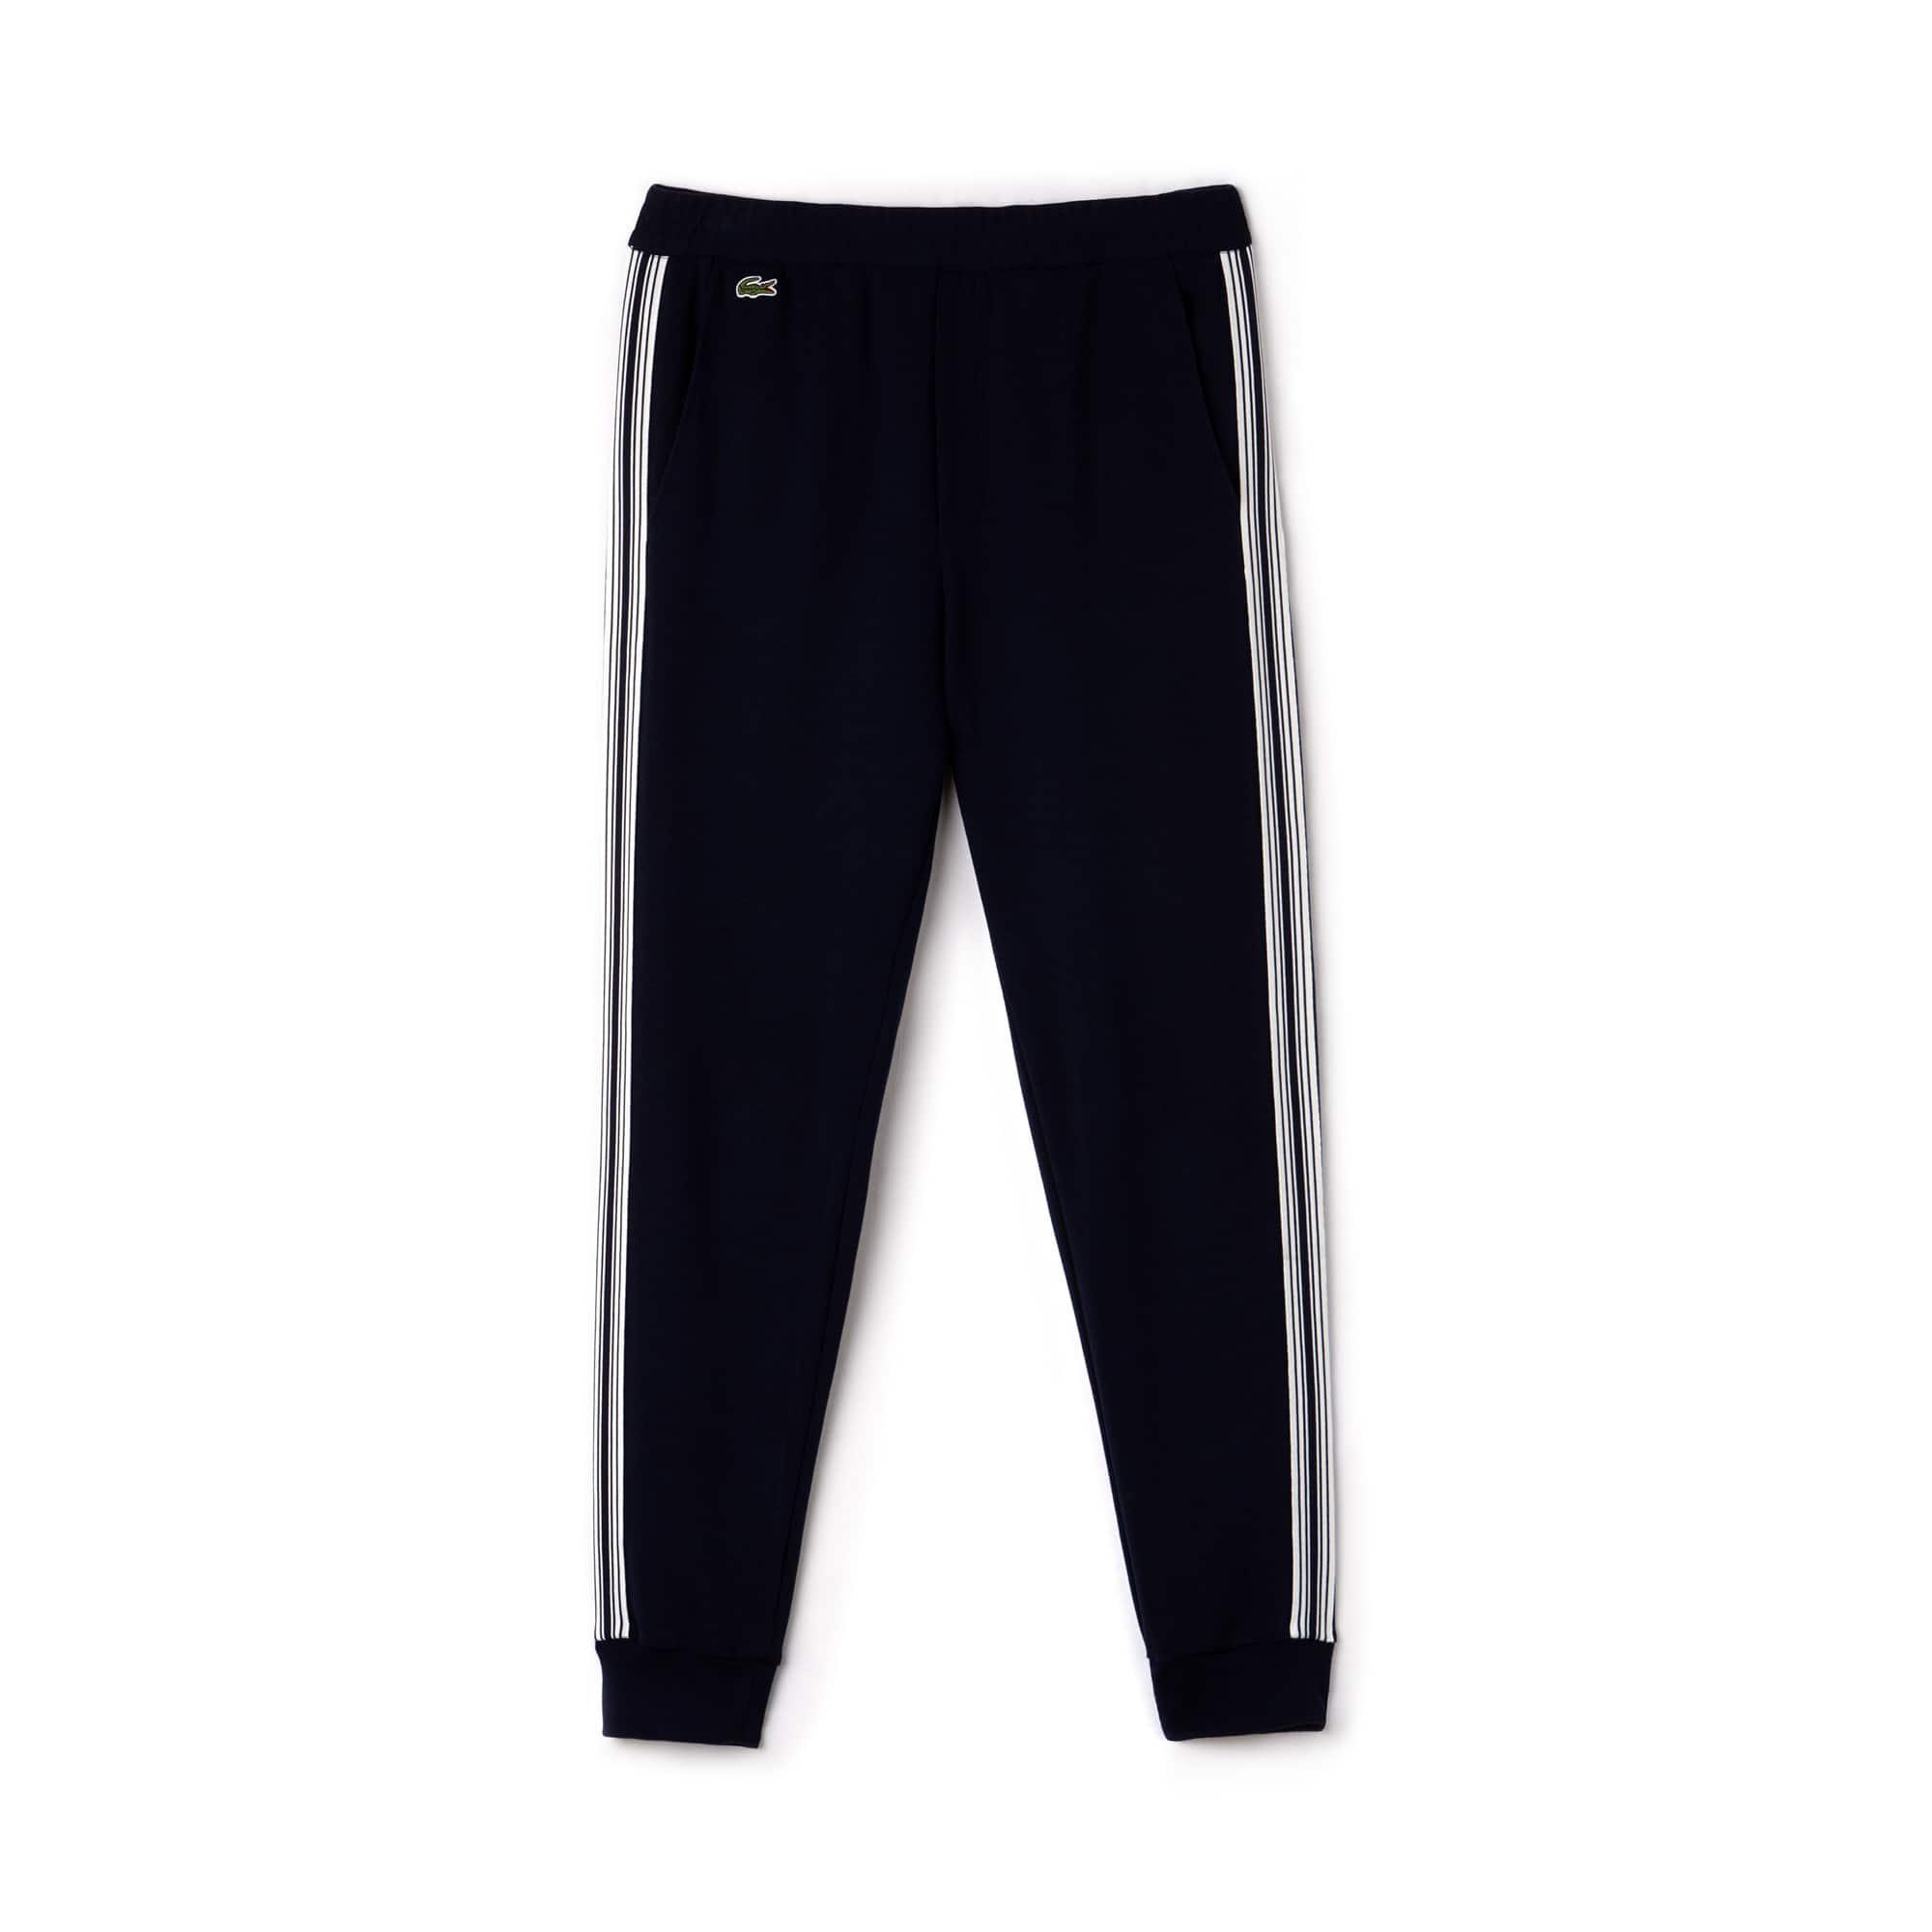 Pantaloni da jogging di stile urbano in cotone Milano con fasce a contrasto